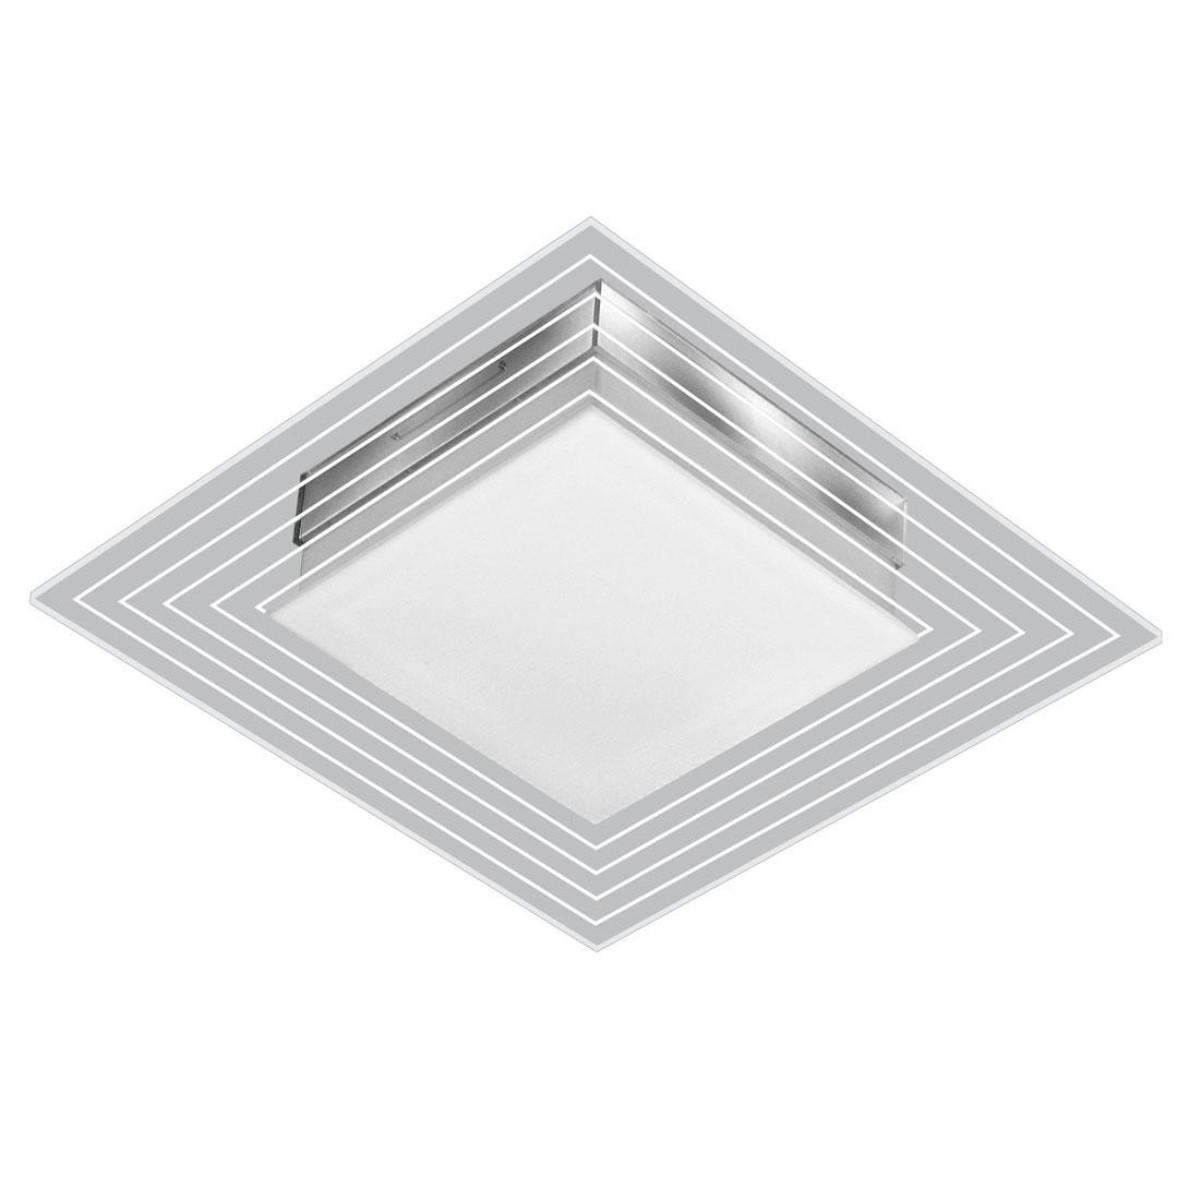 Luminária Led 9w Sobrepor Branco Lisboa Quadrado 3000k - Tualux